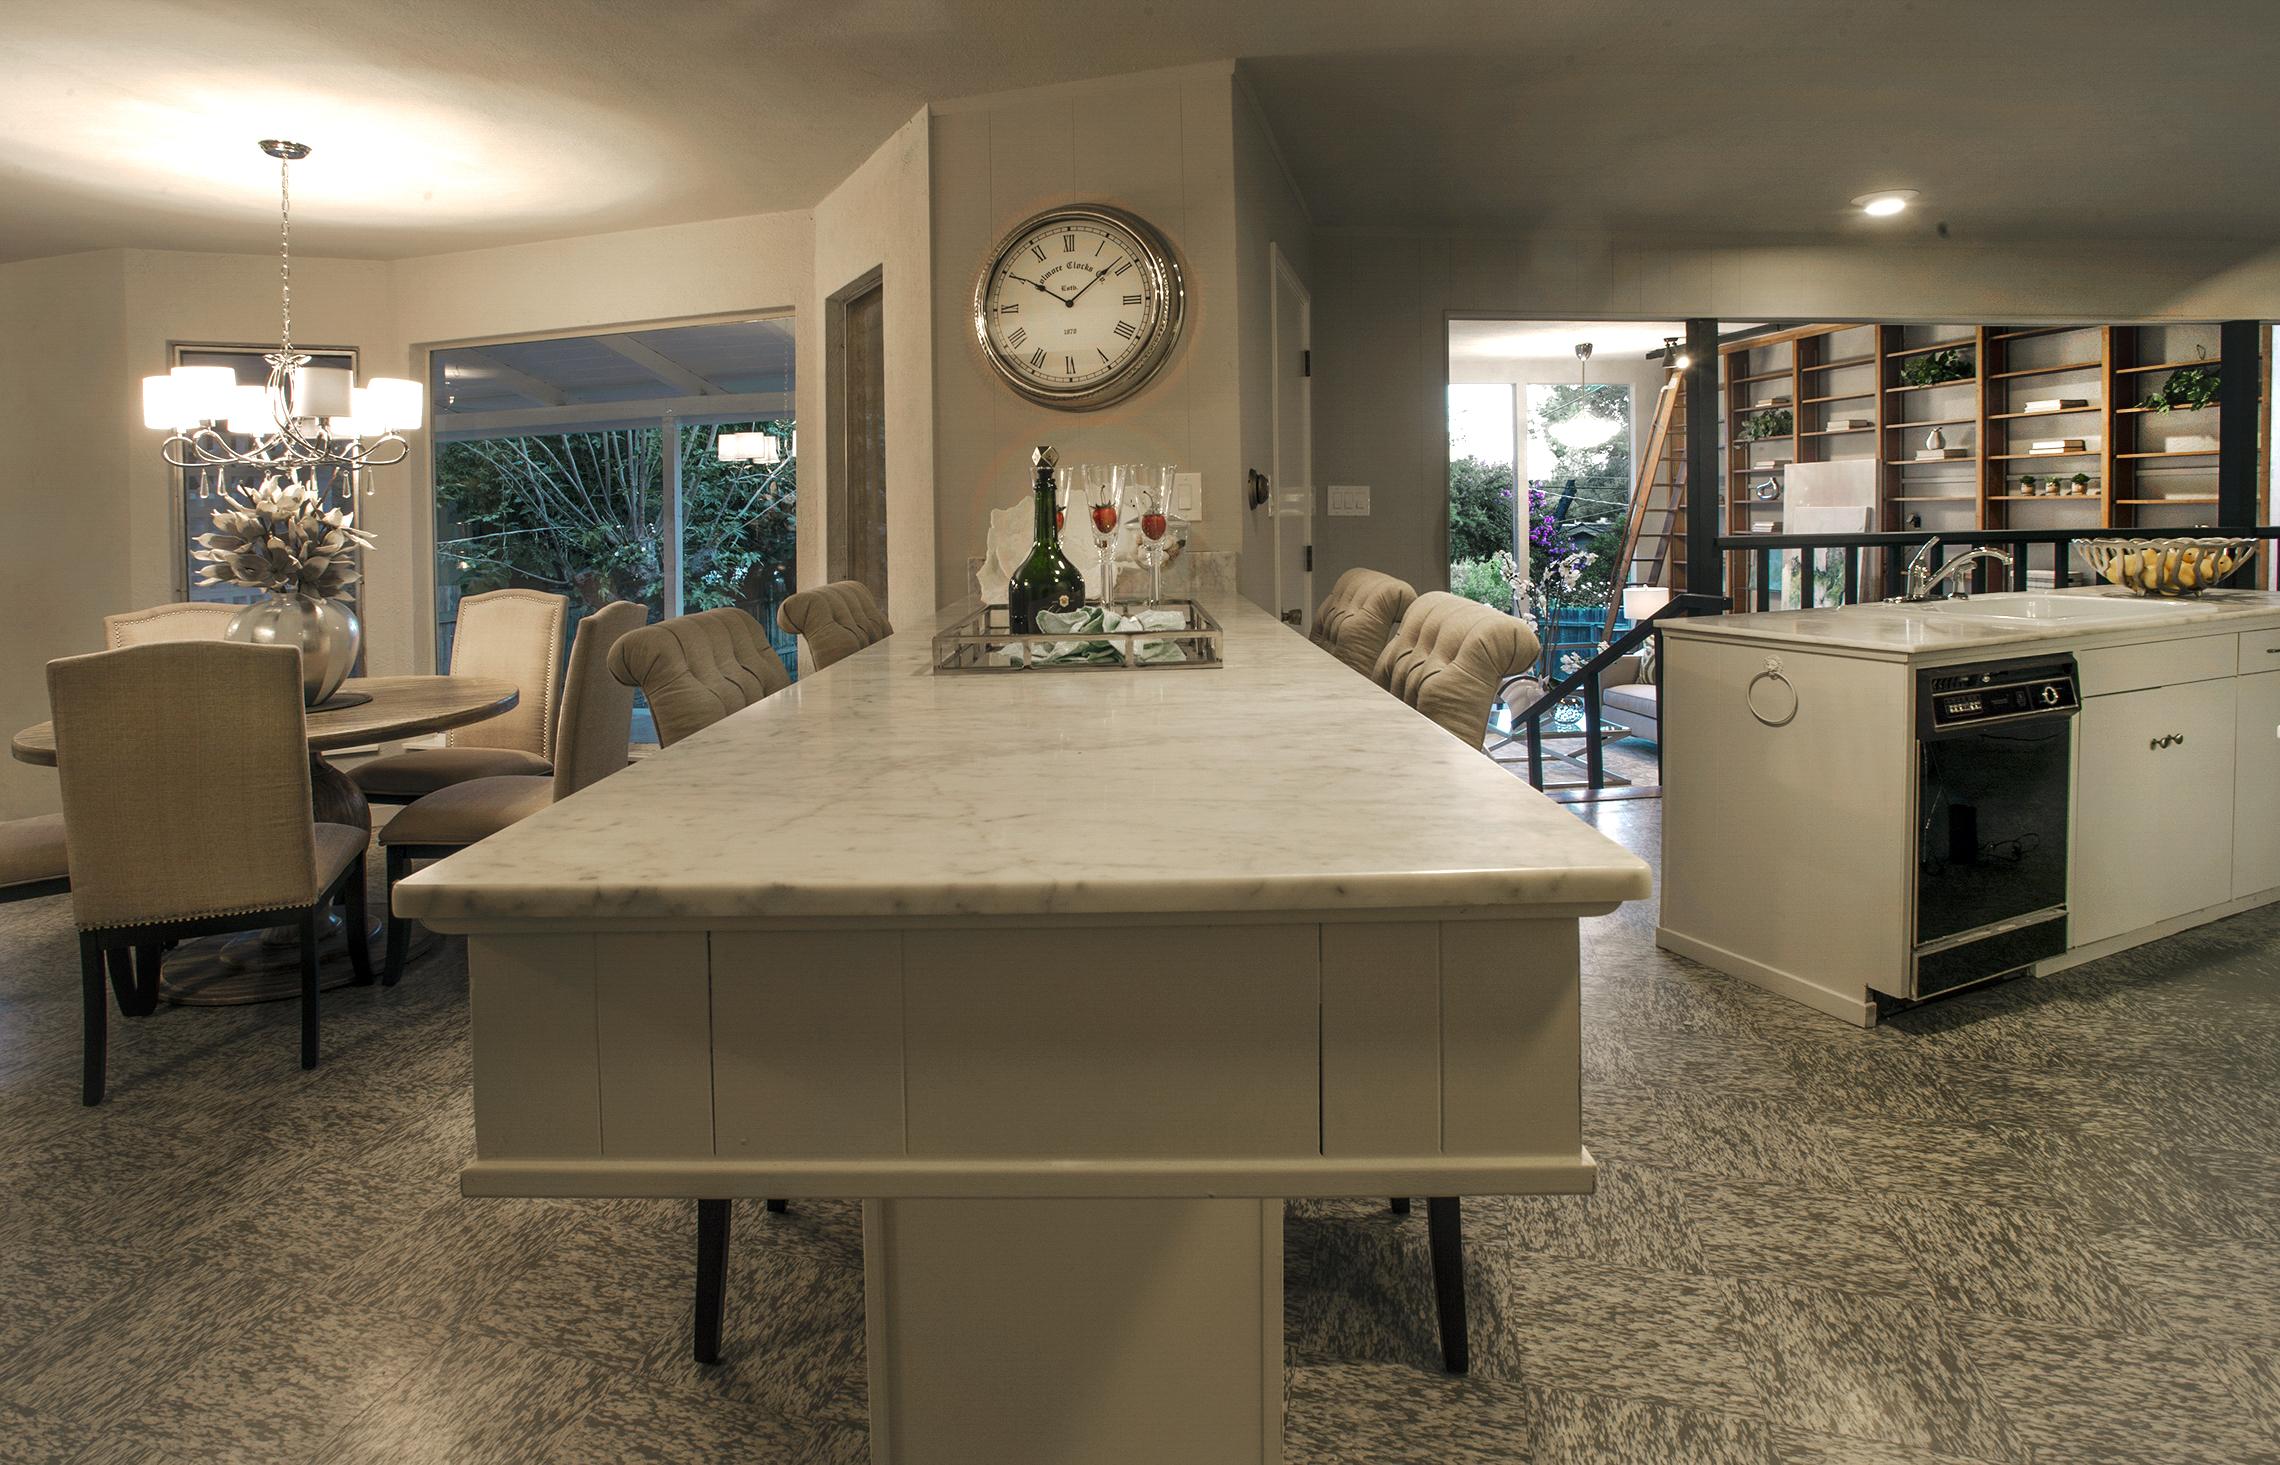 1249 Ridgeway Kitchen 2.jpg